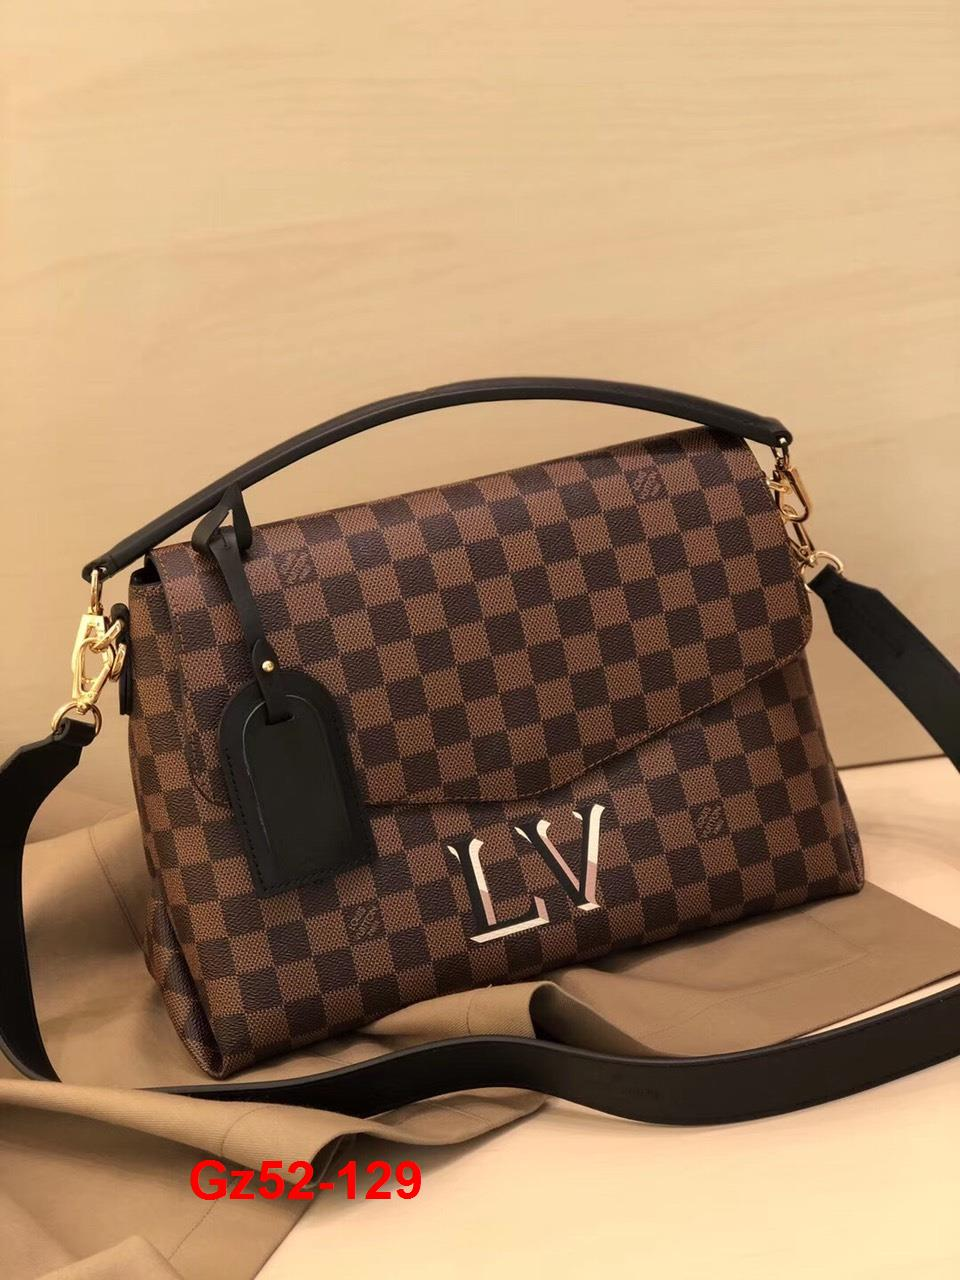 Gz52-129 Louis Vuitton túi size 35cm siêu cấp